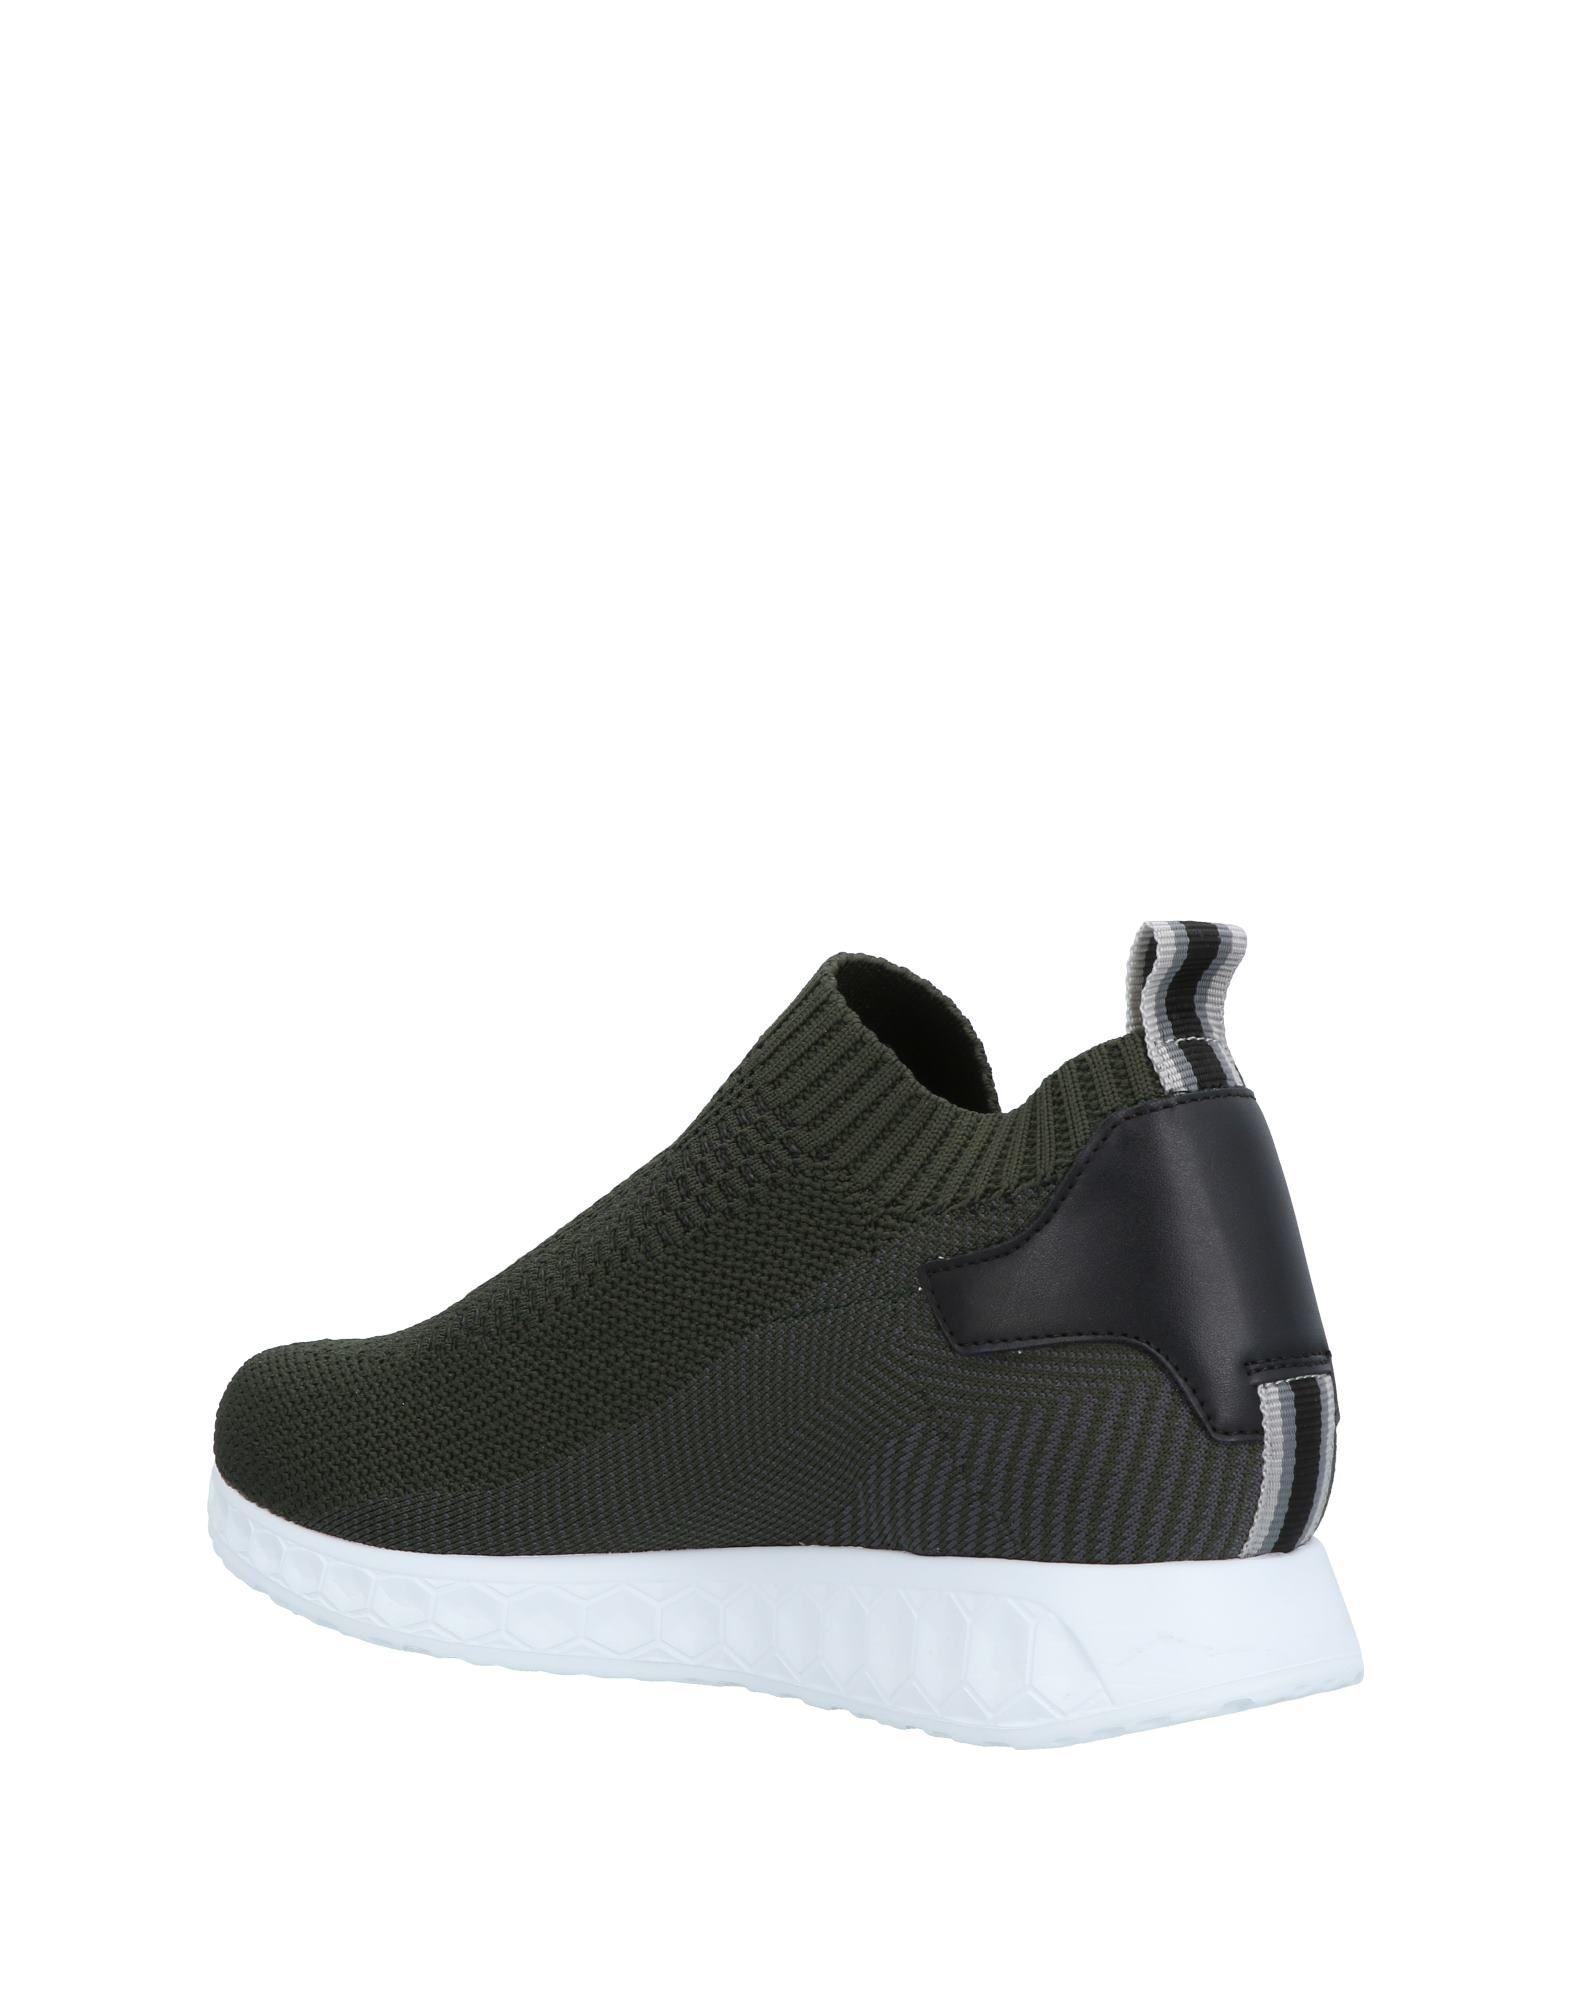 Sneakers Enrico Fantini Homme - Sneakers Enrico Fantini sur